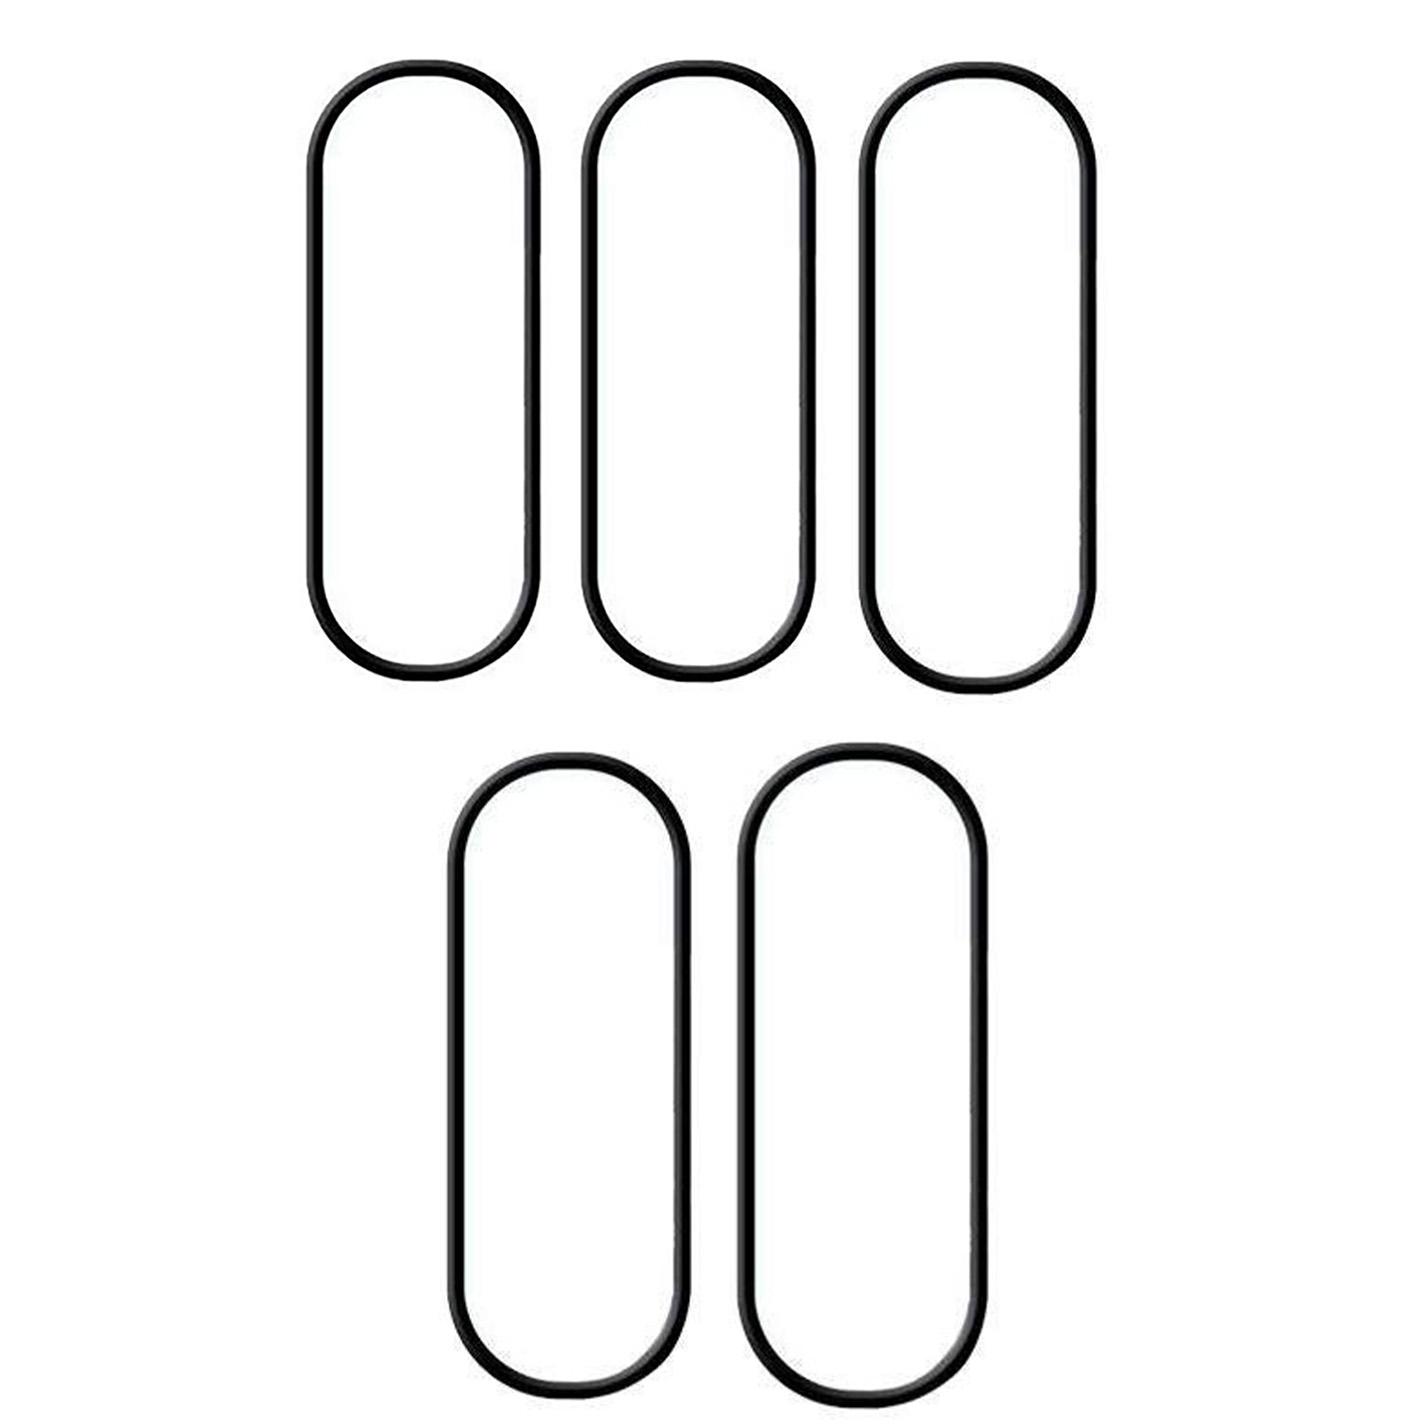 محافظ صفحه نمایش مدل FG40 مناسب برای مچ بند هوشمند شیائومی Mi Band 4 بسته 5 عددی